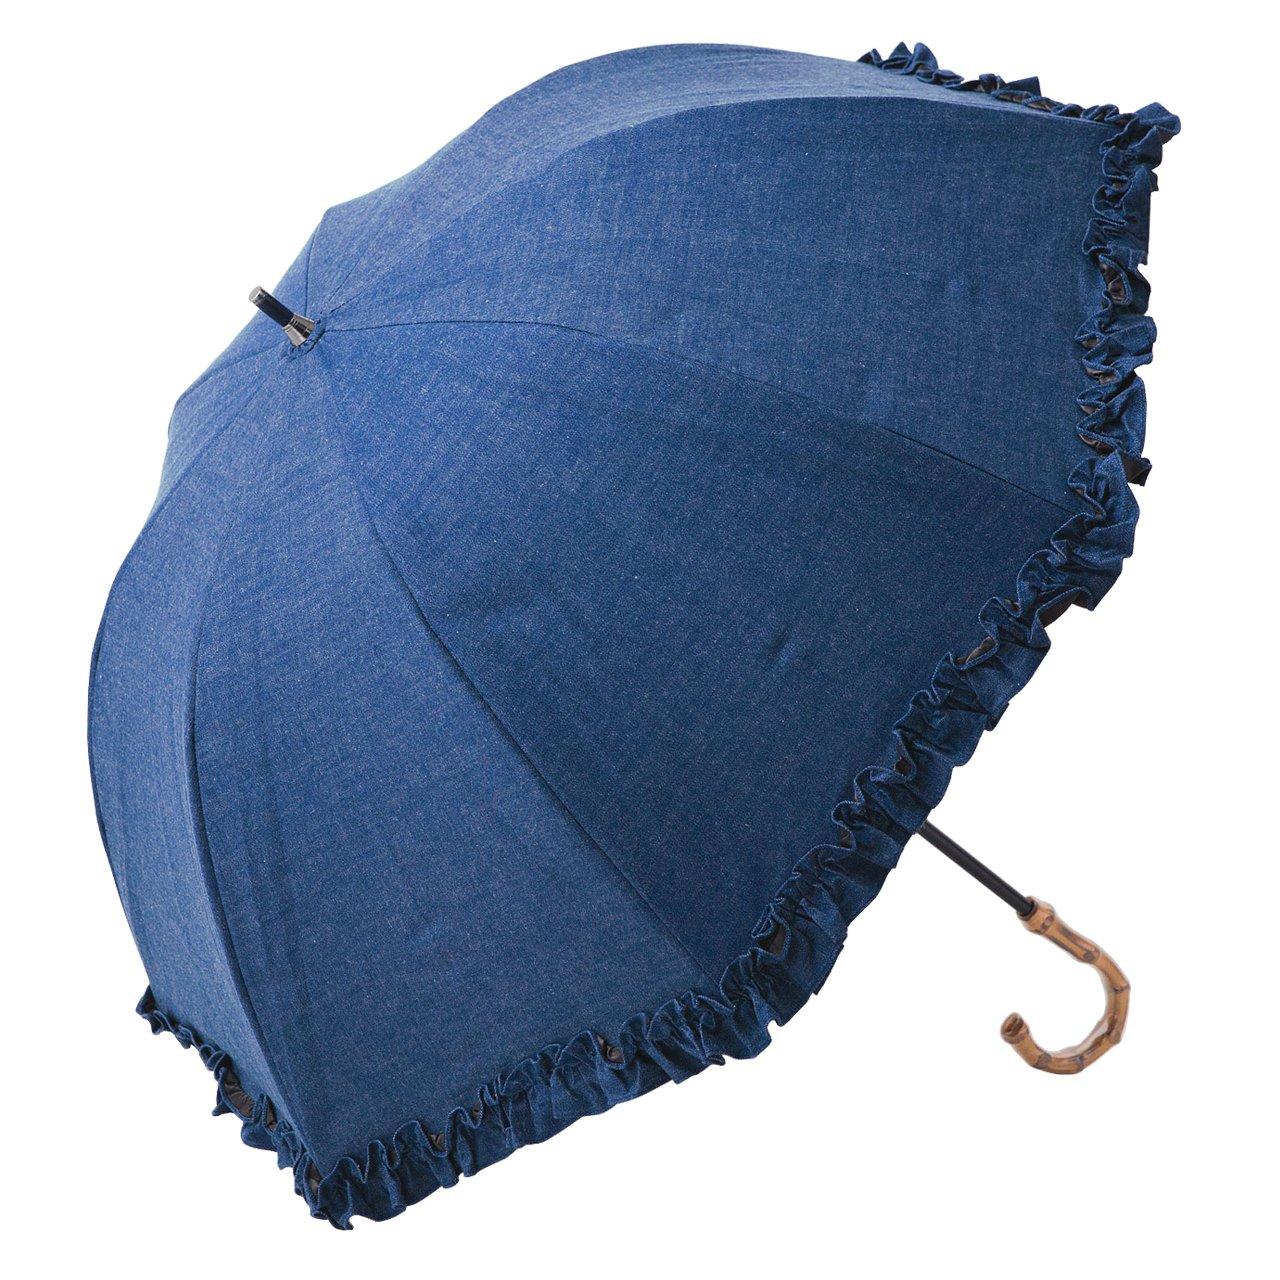 【Rose Blanc】100%完全遮光 日傘 シングルフリル ショートサイズ デニム 50cm (デニム) B06XTLTQ3Sデニム